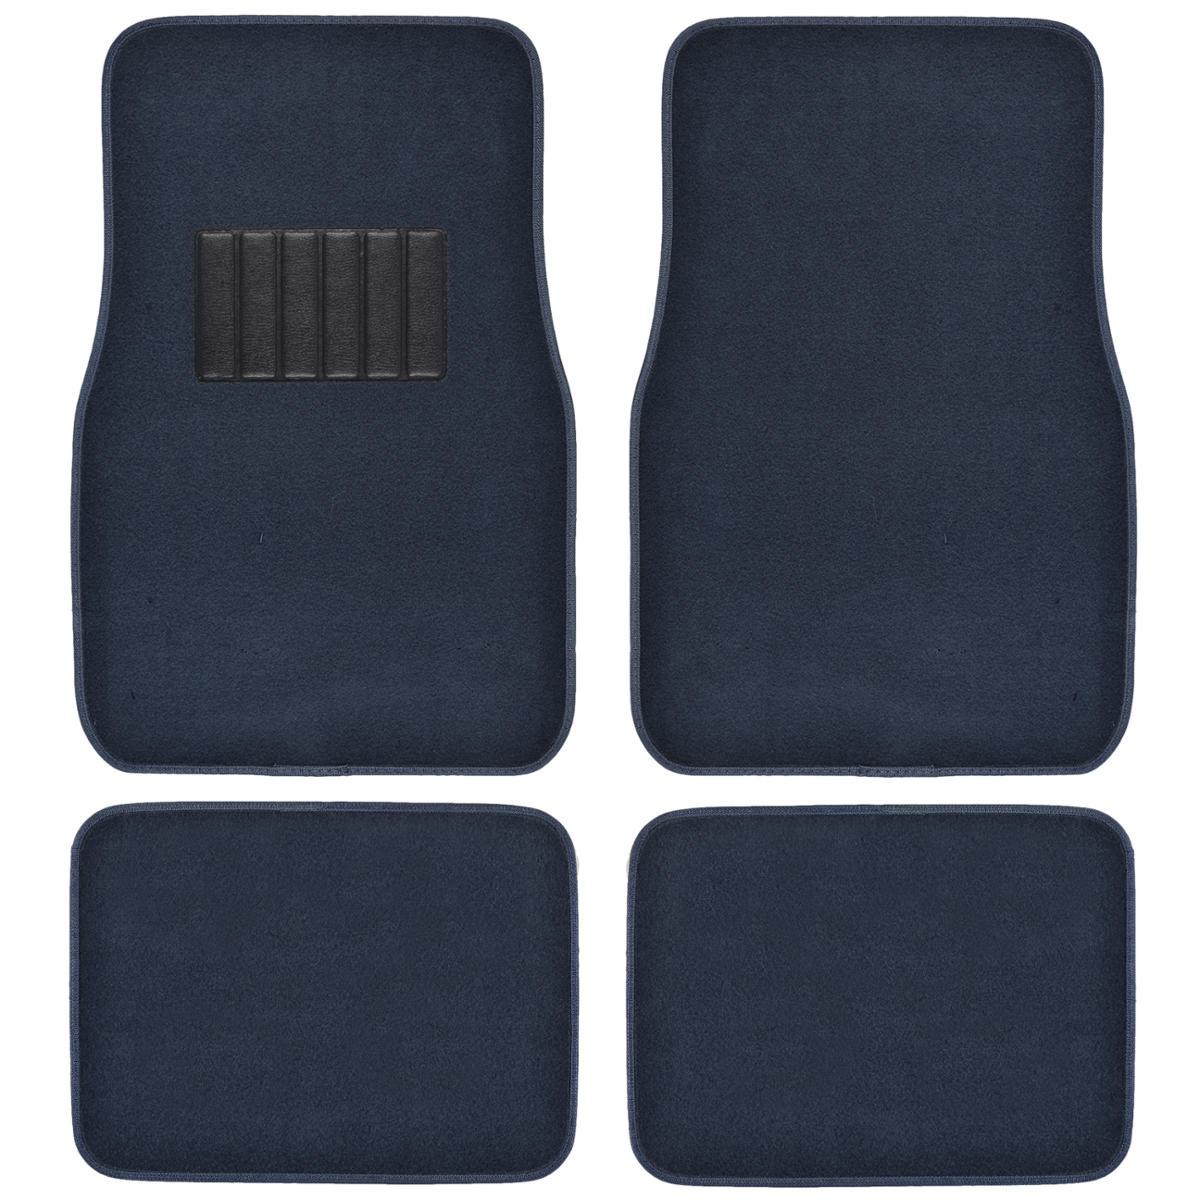 Blue Car Floor Mats Liner Pads Utility Mat Standard Fit